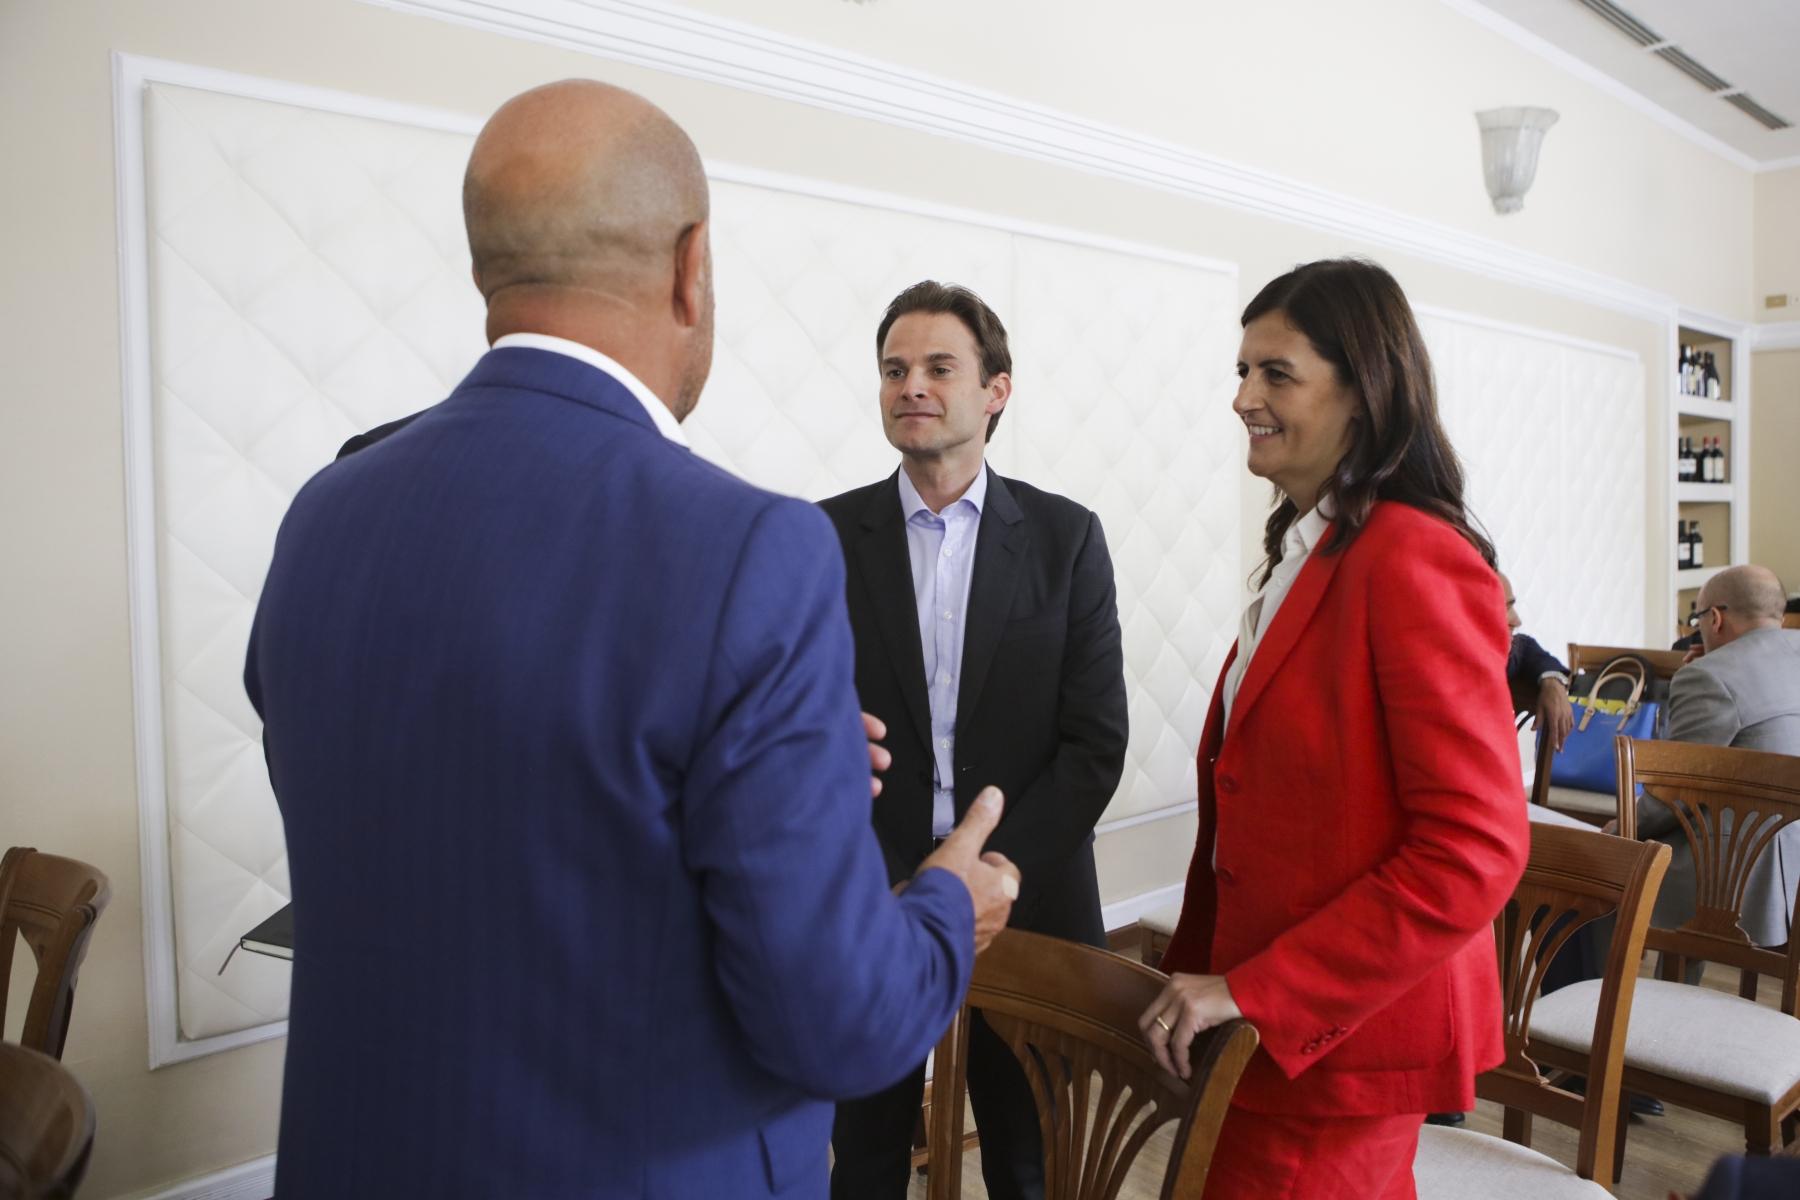 Marta Bucci, Cristian Signoretto e Bruno Tani